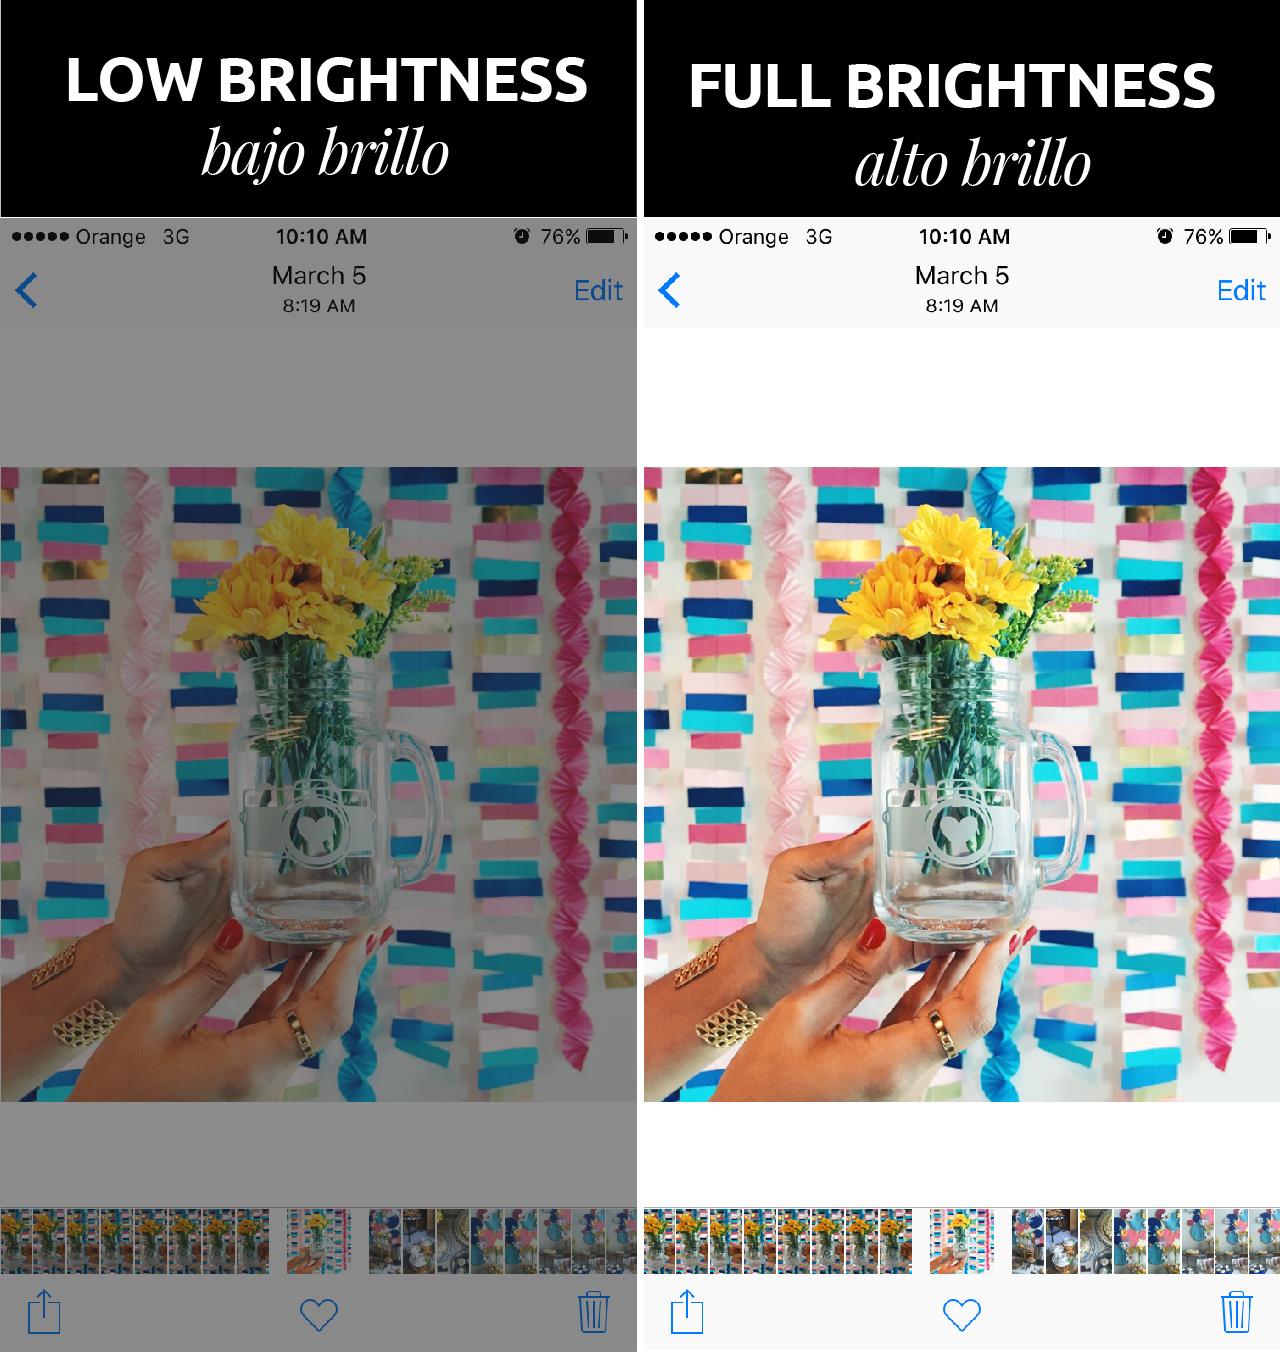 4 Errores Comunes Cuando Tomas Fotos Con El Celular // Mucha gente me pregunta cómo tomo tantas fotos con el celular lindas. Decidí compartir 4 errores que podrías estar haciendo y la necesidad de evitarlos!